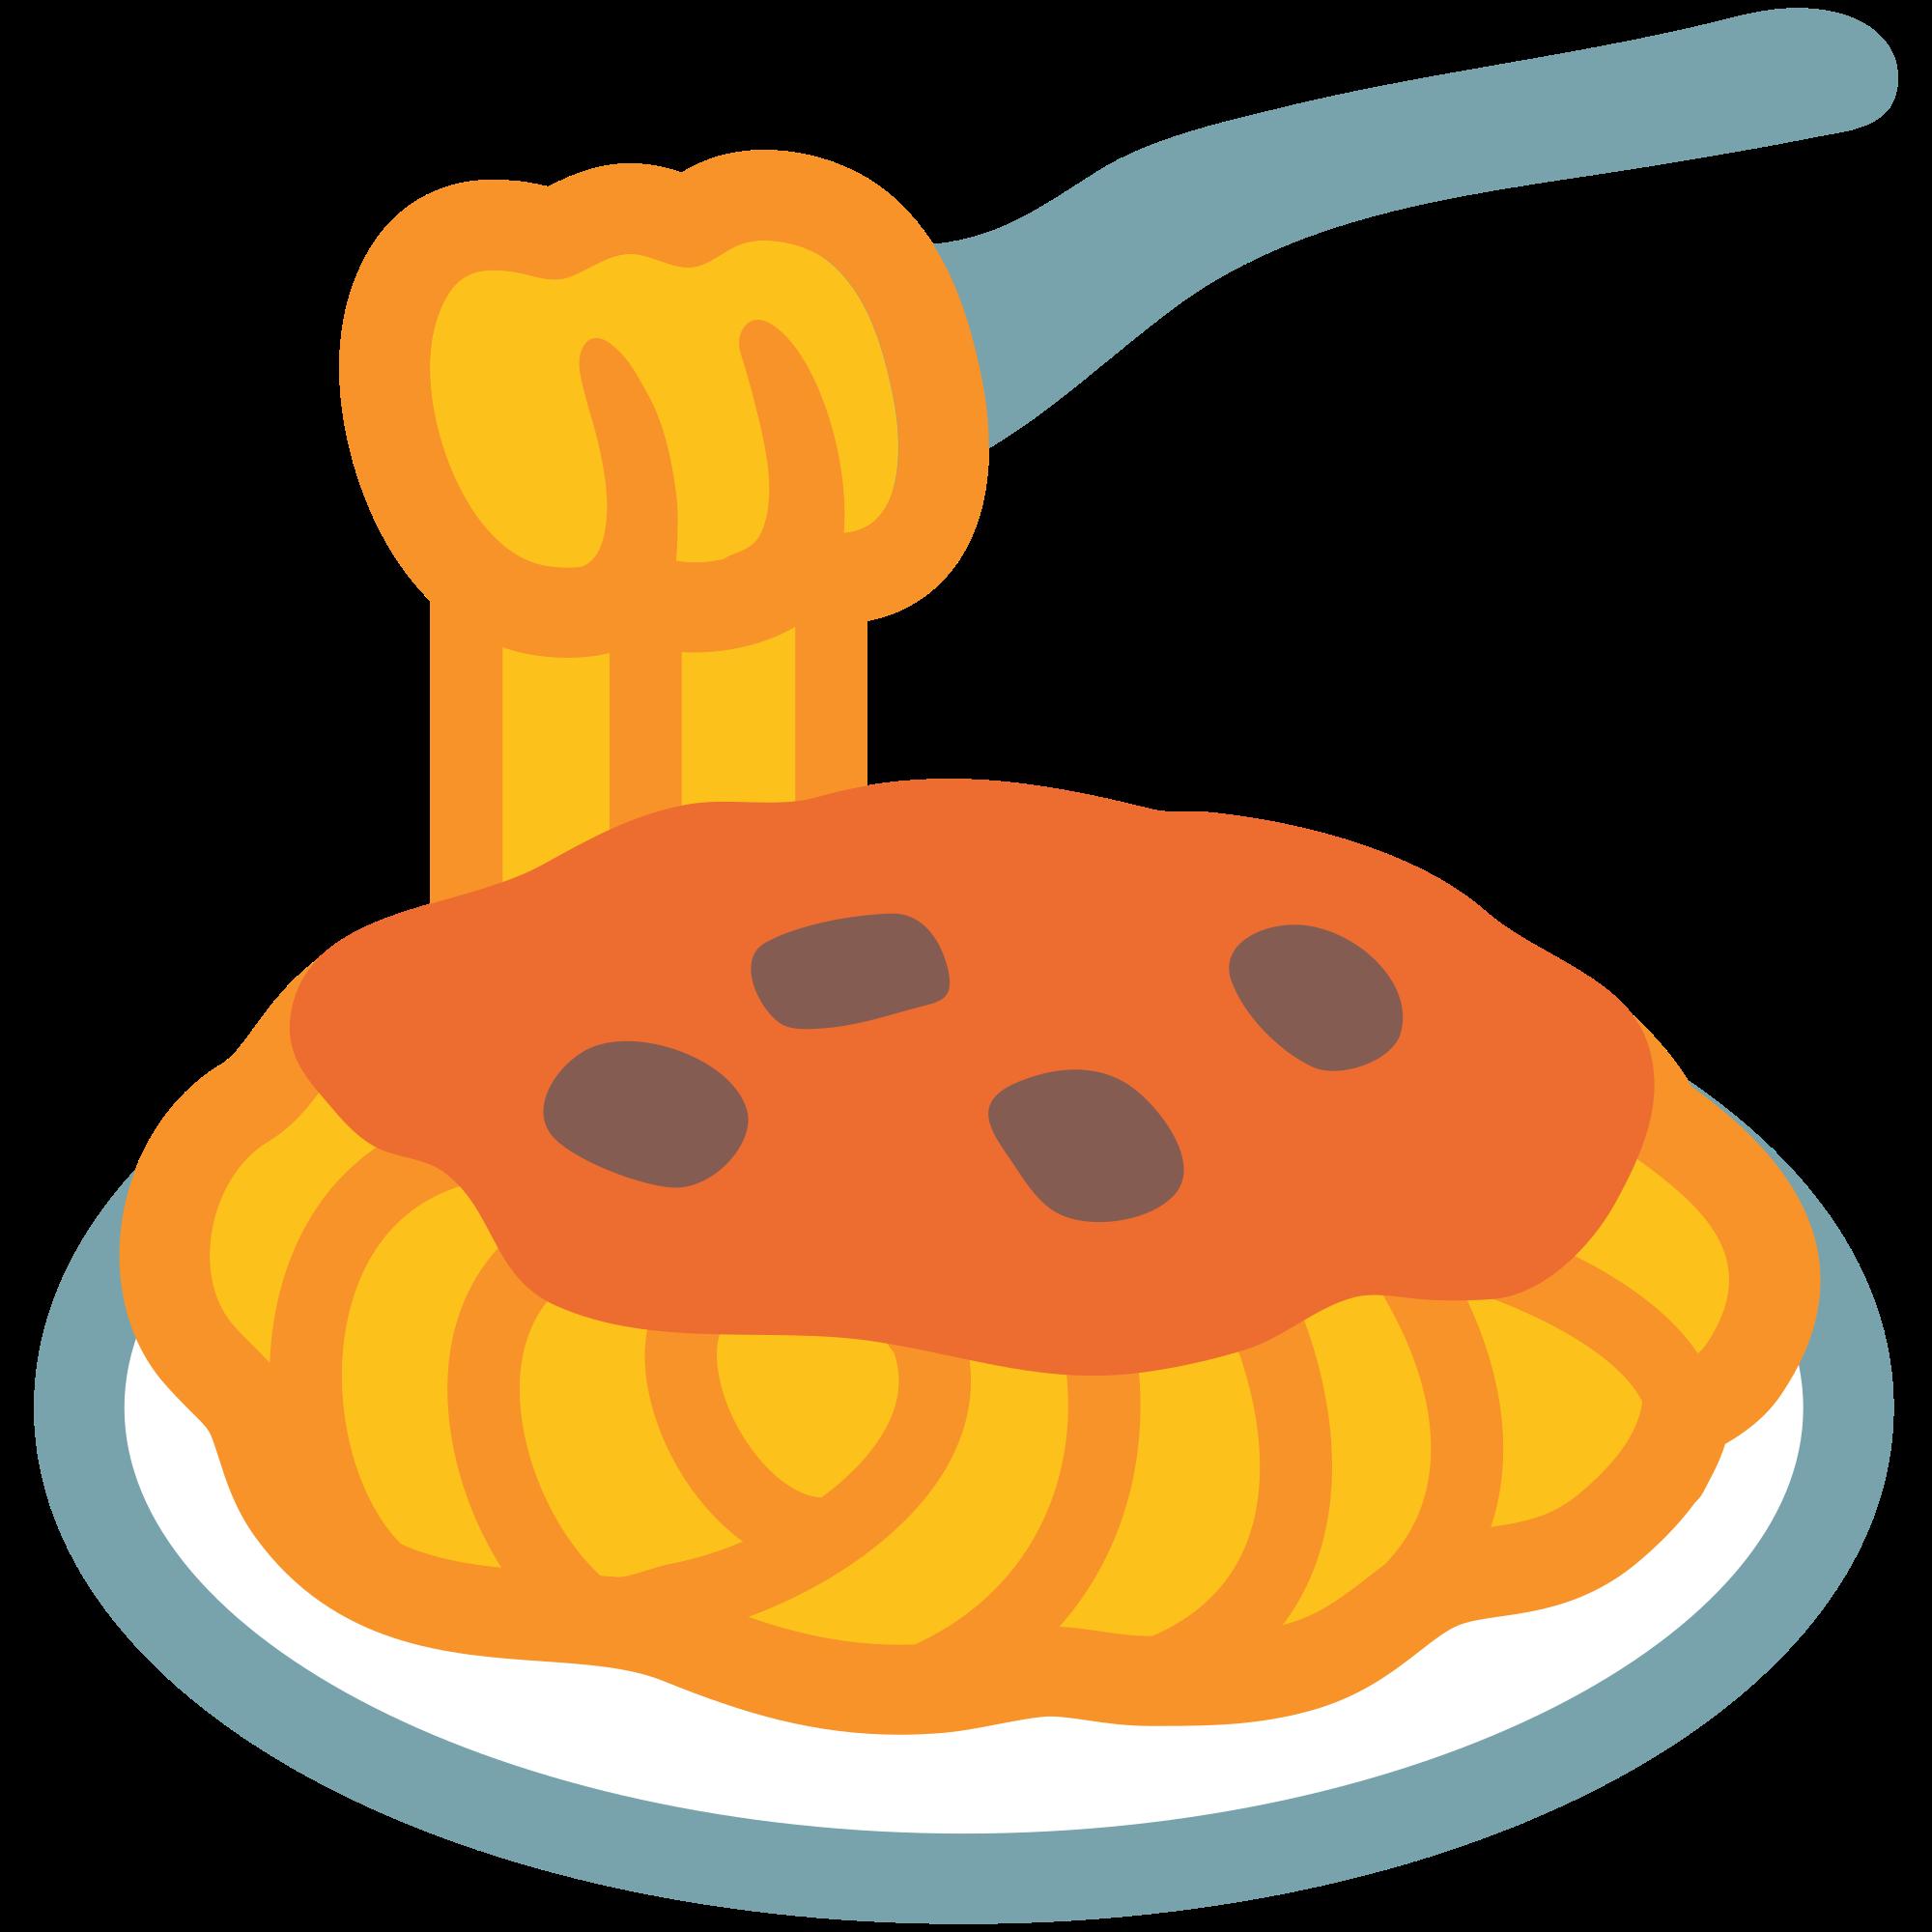 Foods clipart spaghetti. File emoji u f